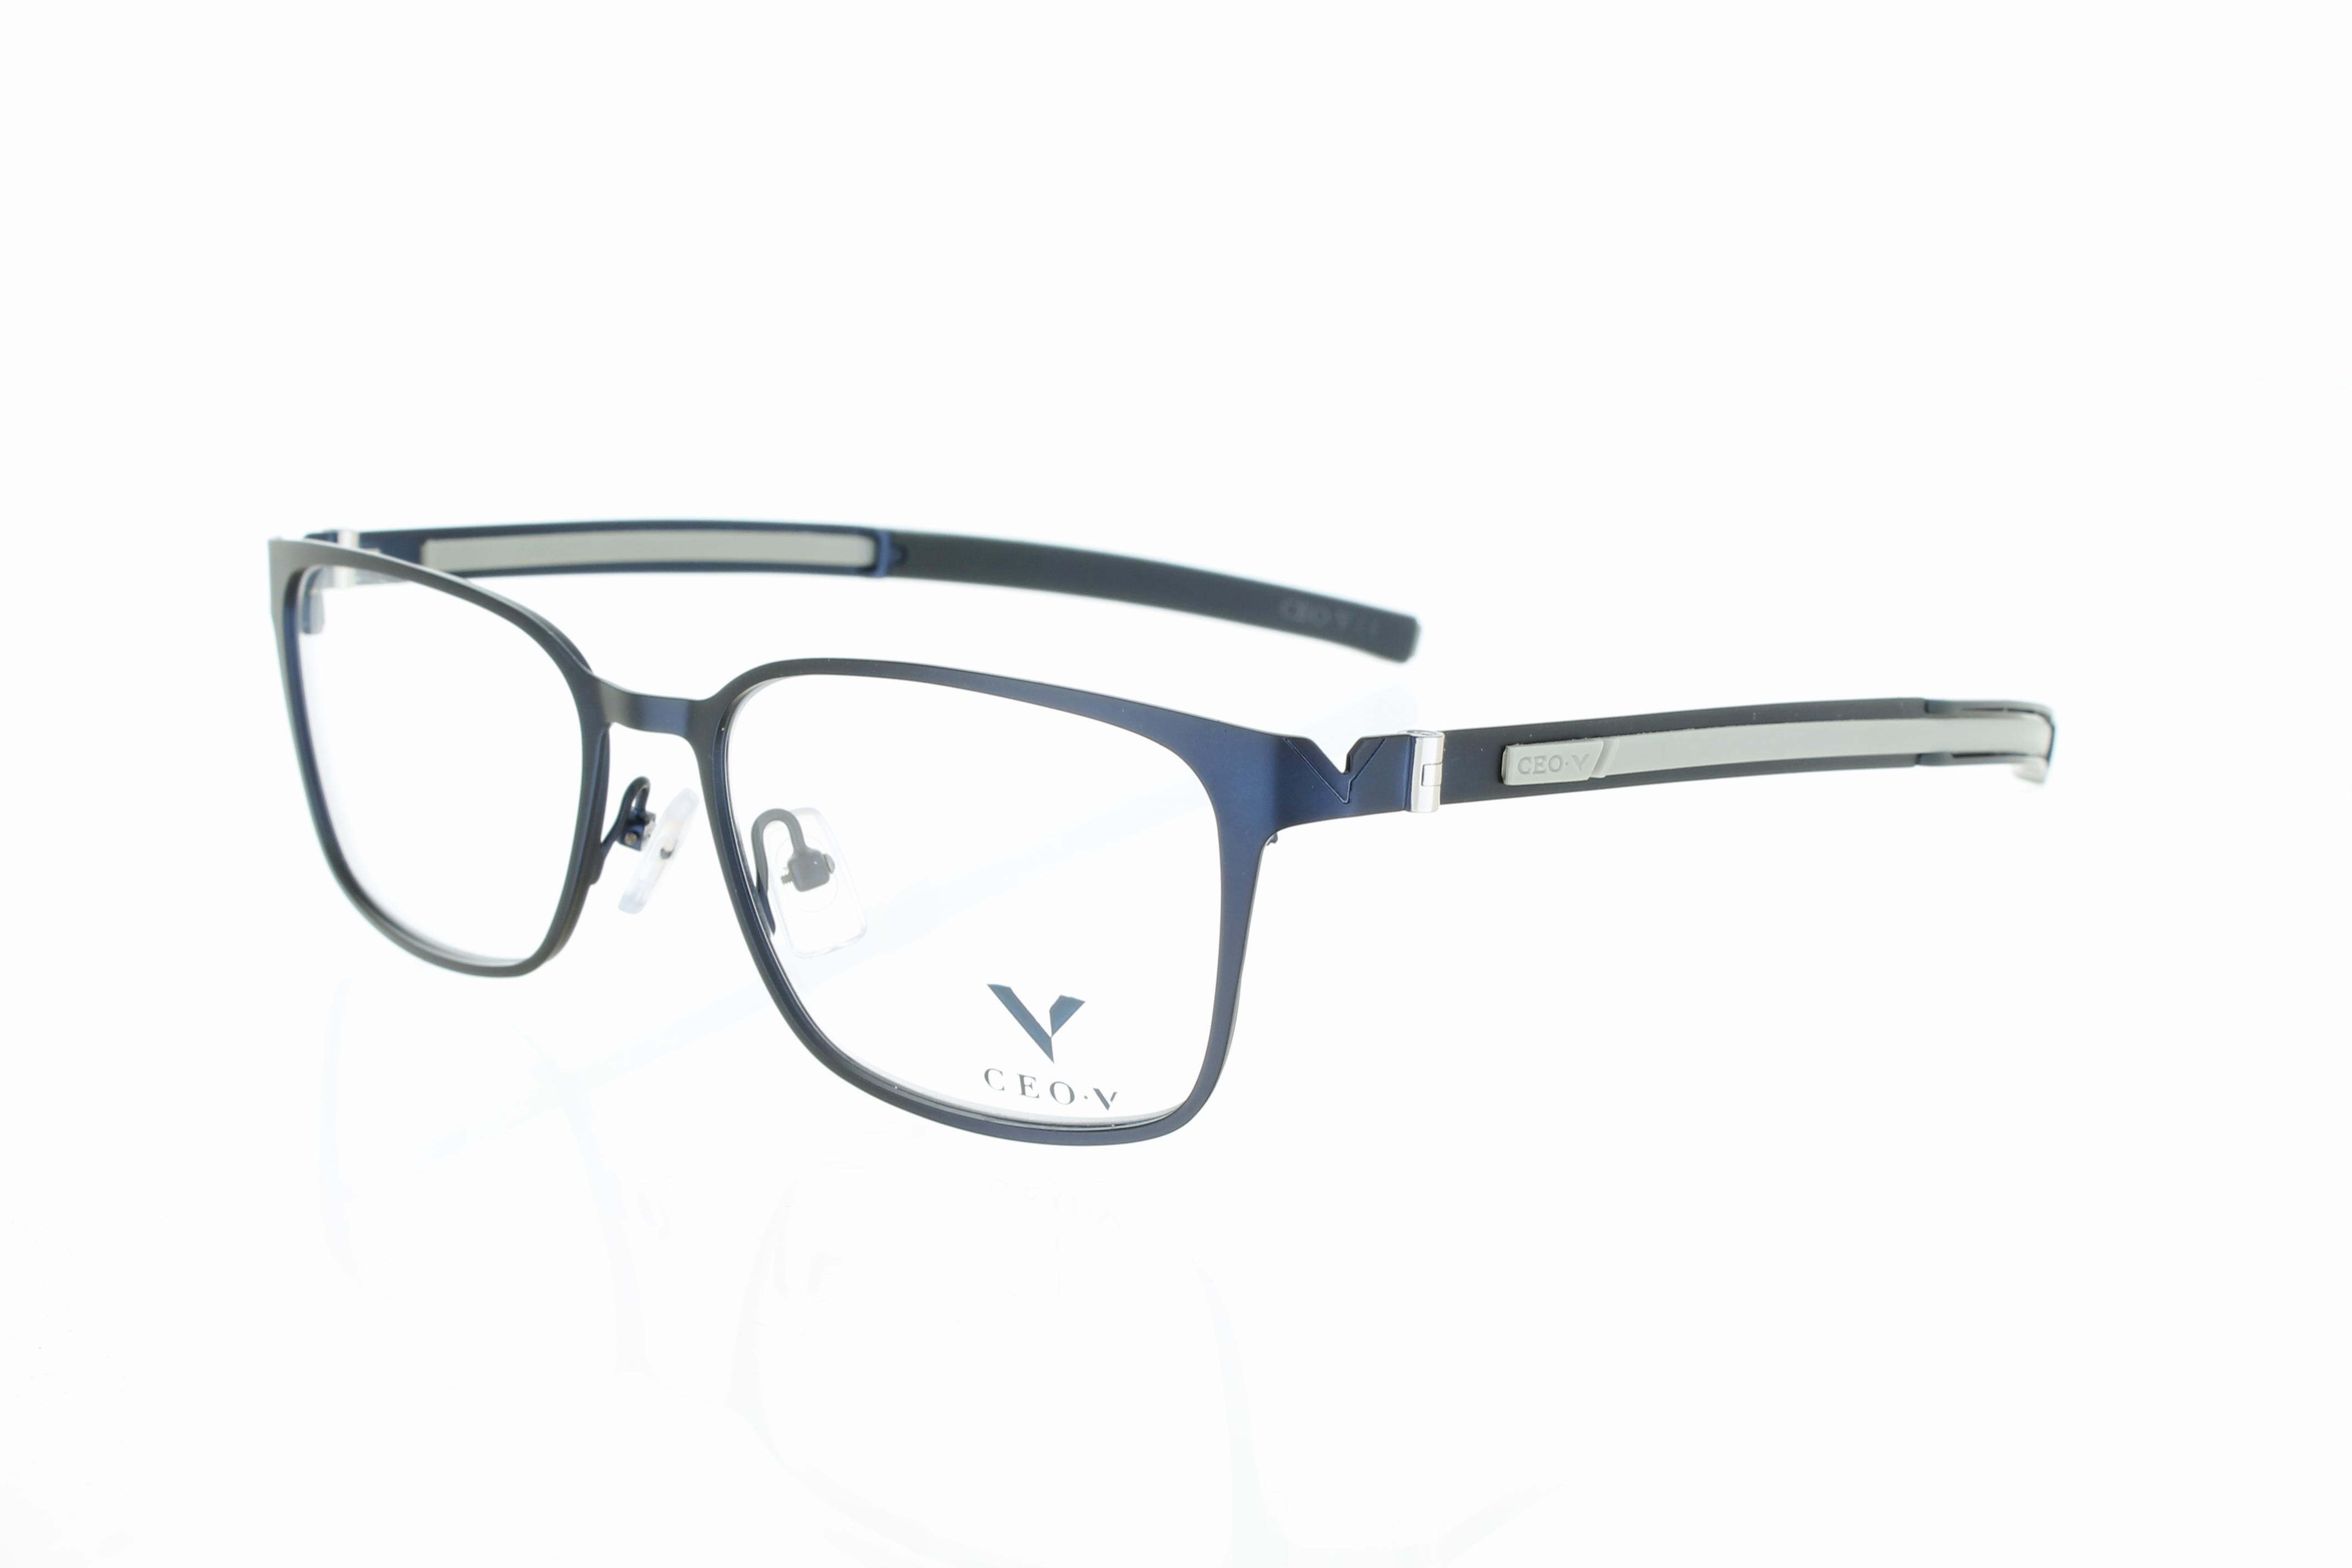 CEO-V - CV 701 BLUE T14-27M 51-16-140 szemüvegkeretek 84bcb69ae8